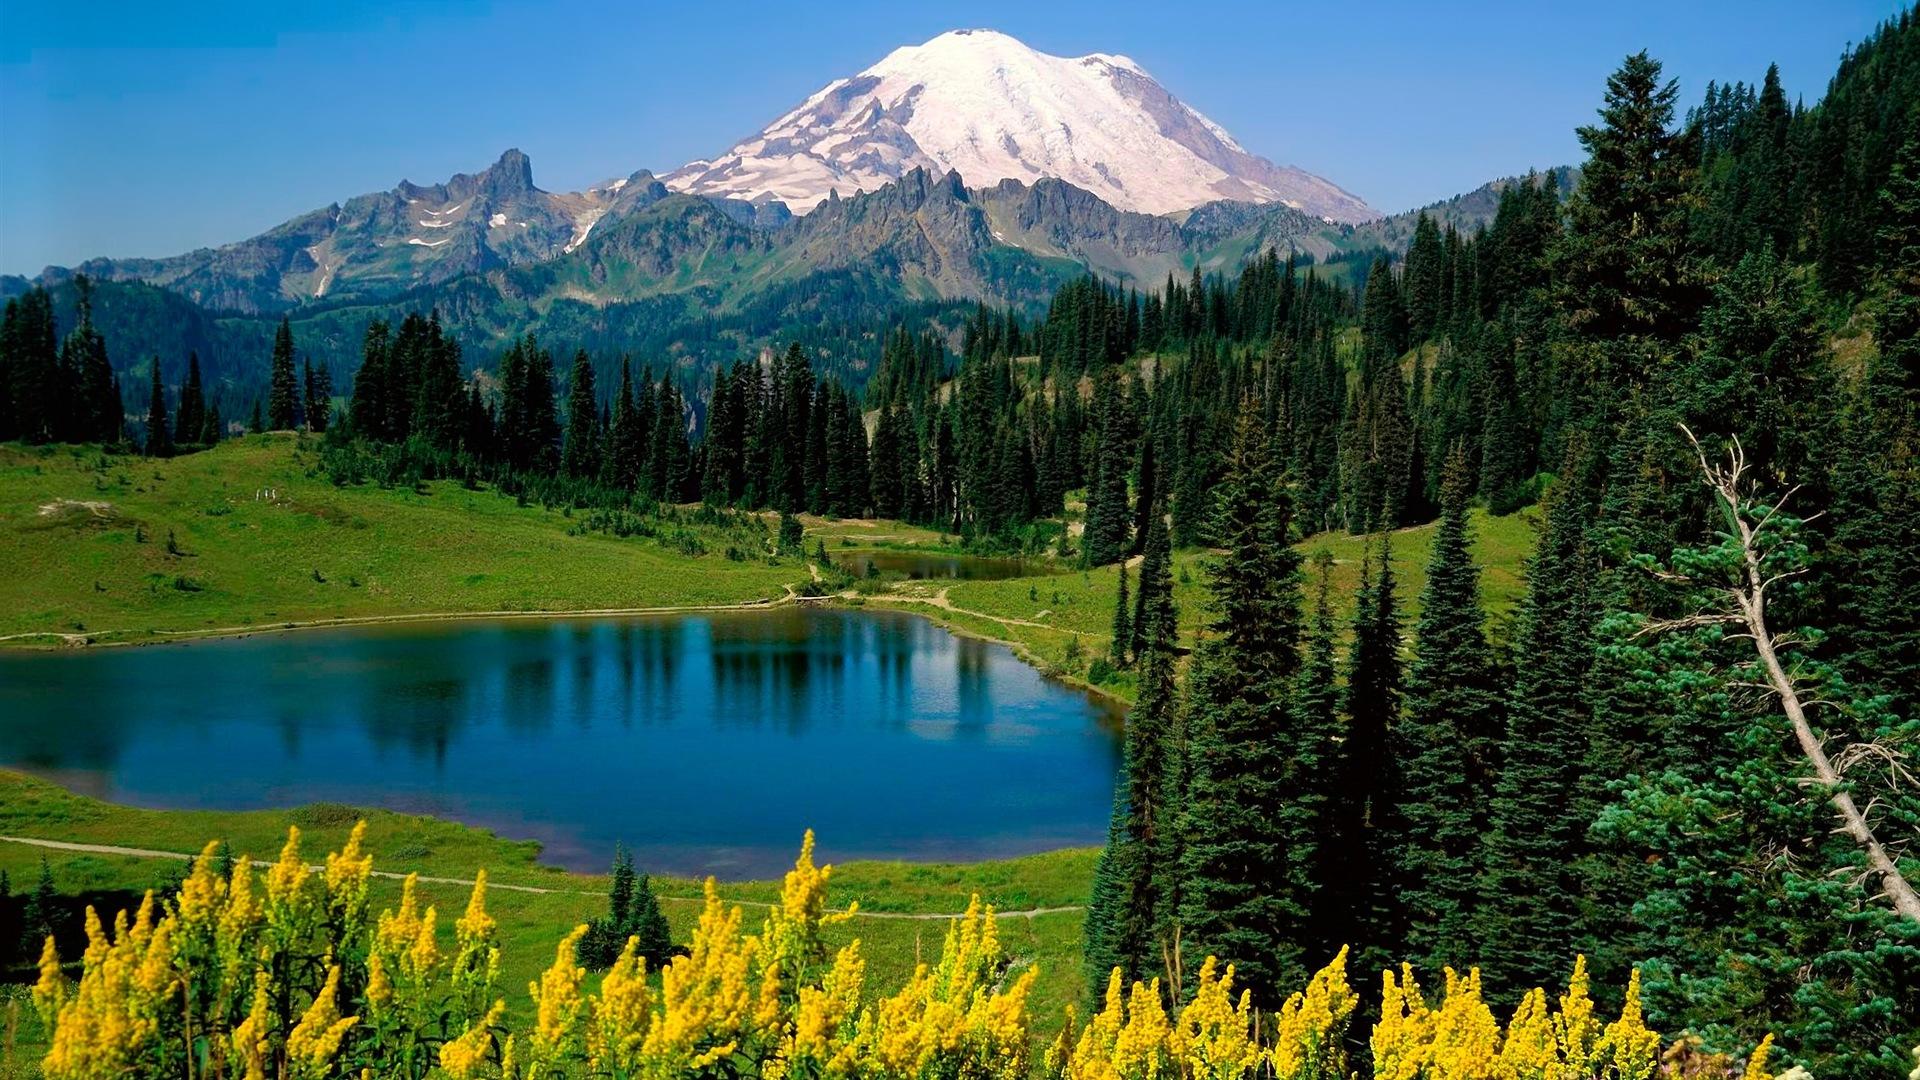 阳光森林湖泊美丽的大自然高清壁纸3 19x1080 壁纸下载 阳光森林湖泊美丽的大自然高清壁纸 风景壁纸 V3壁纸站